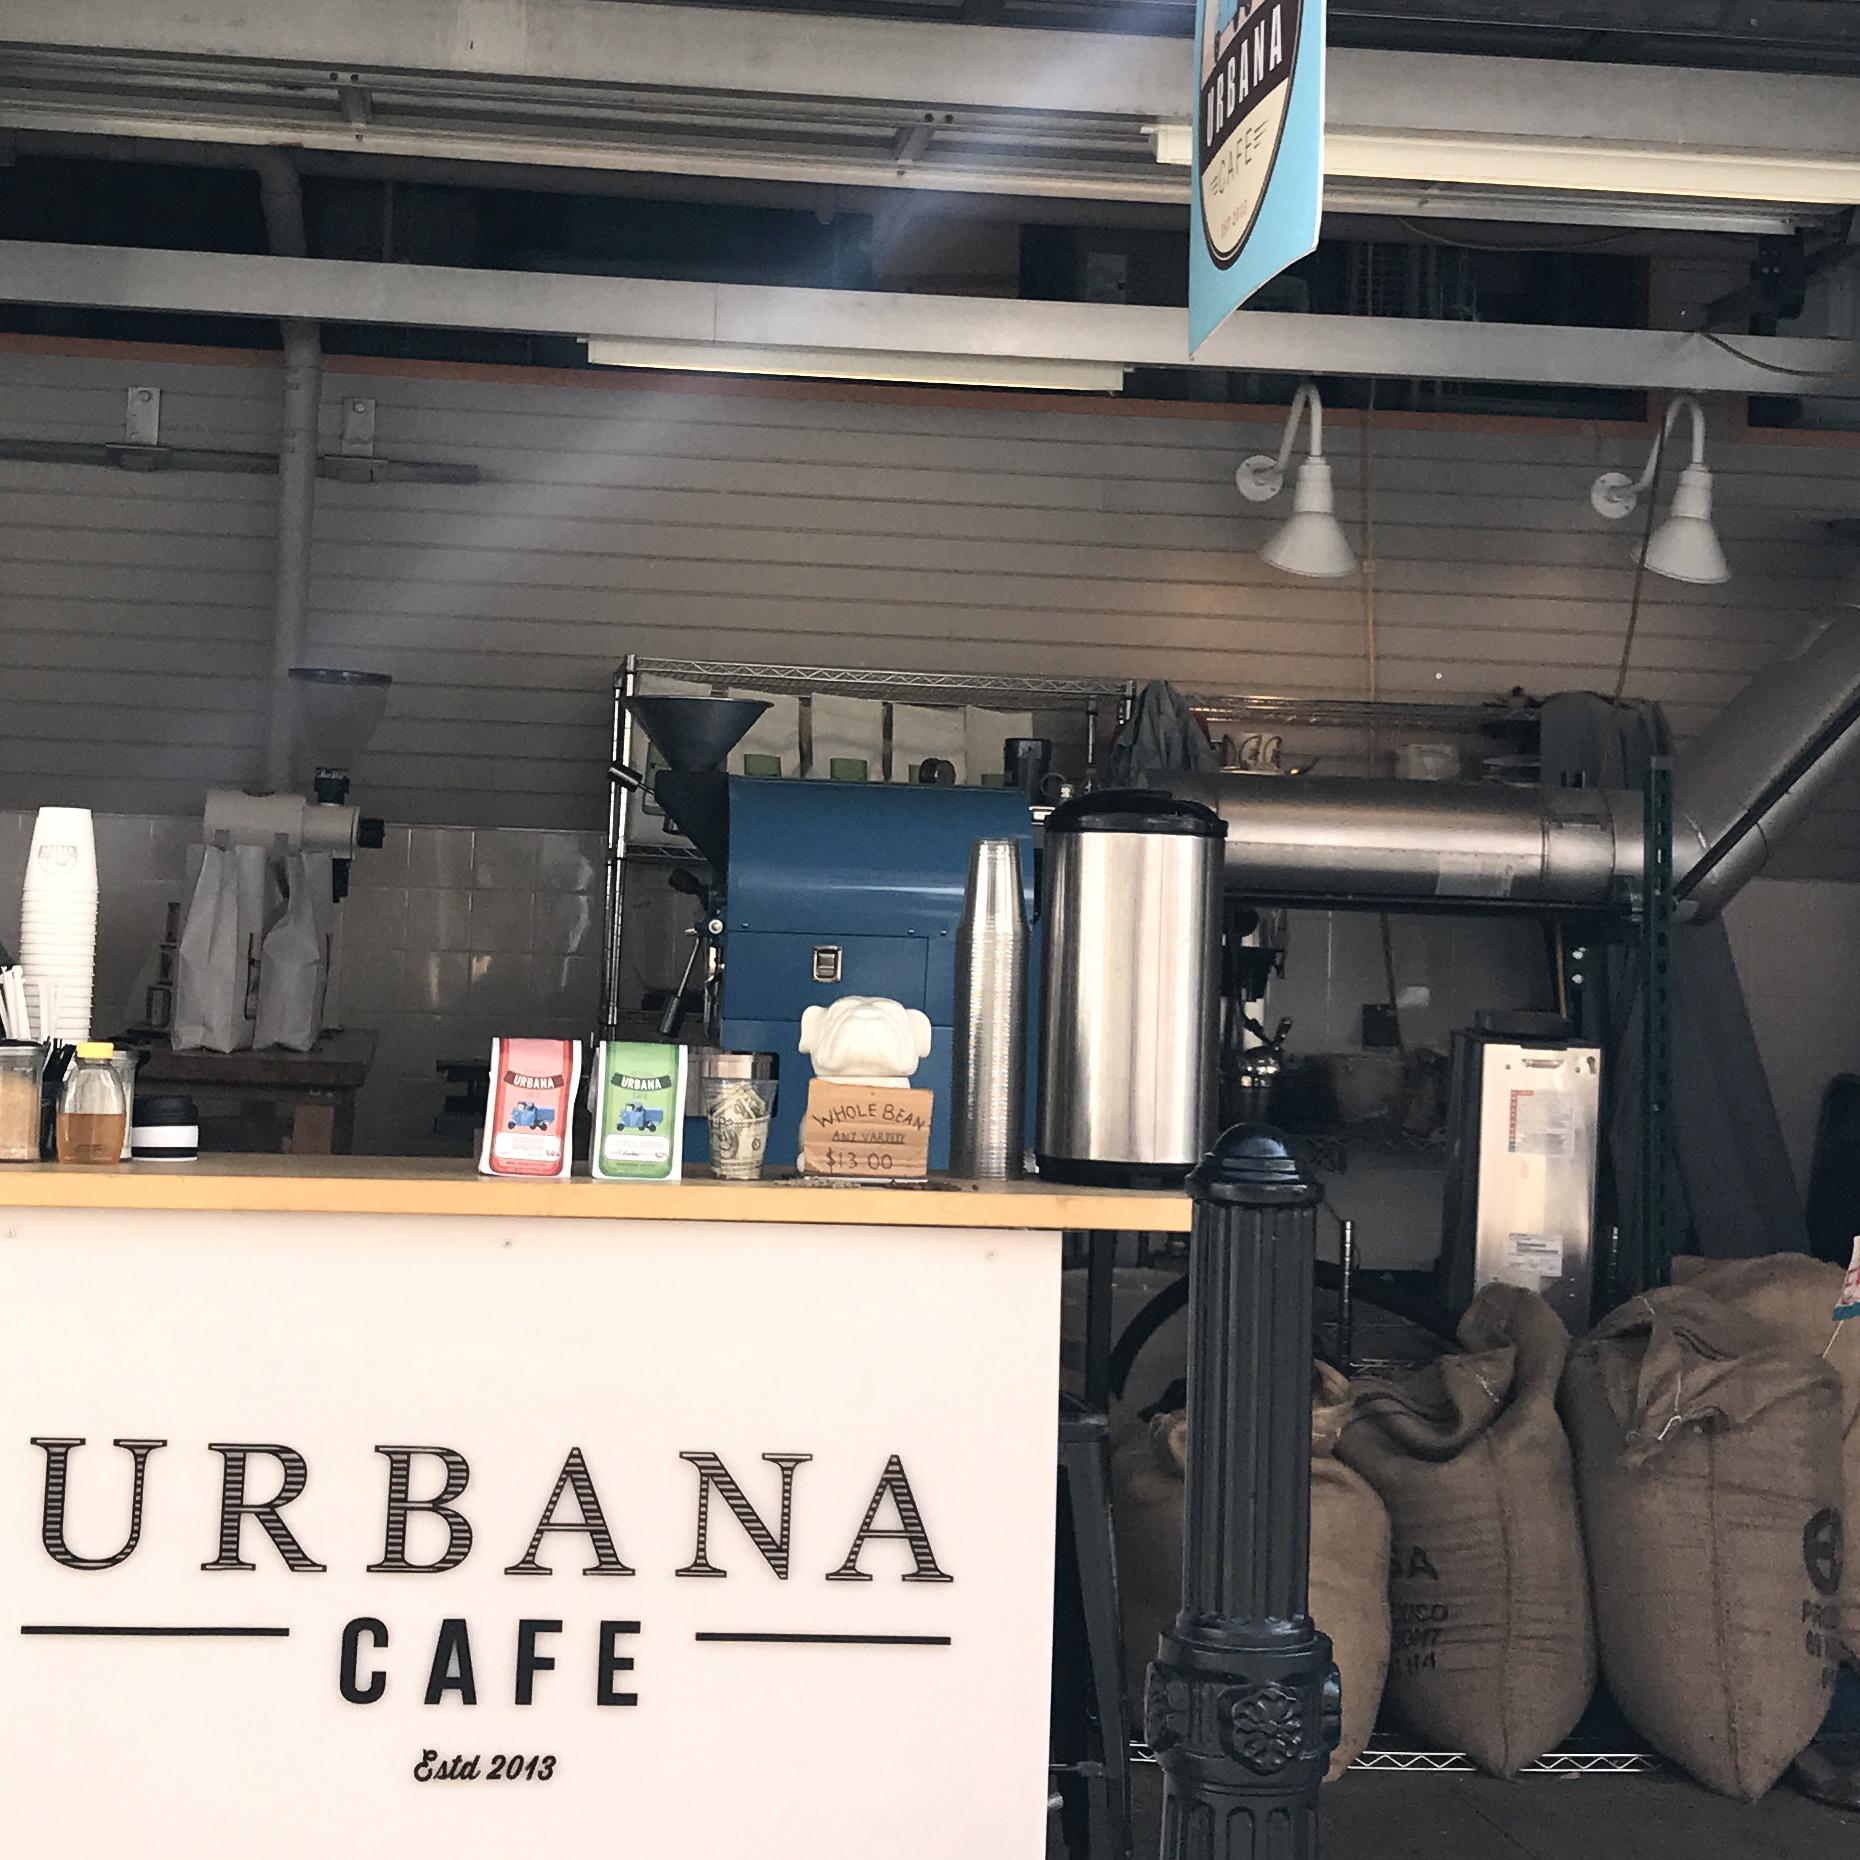 cafeurbana.jpg